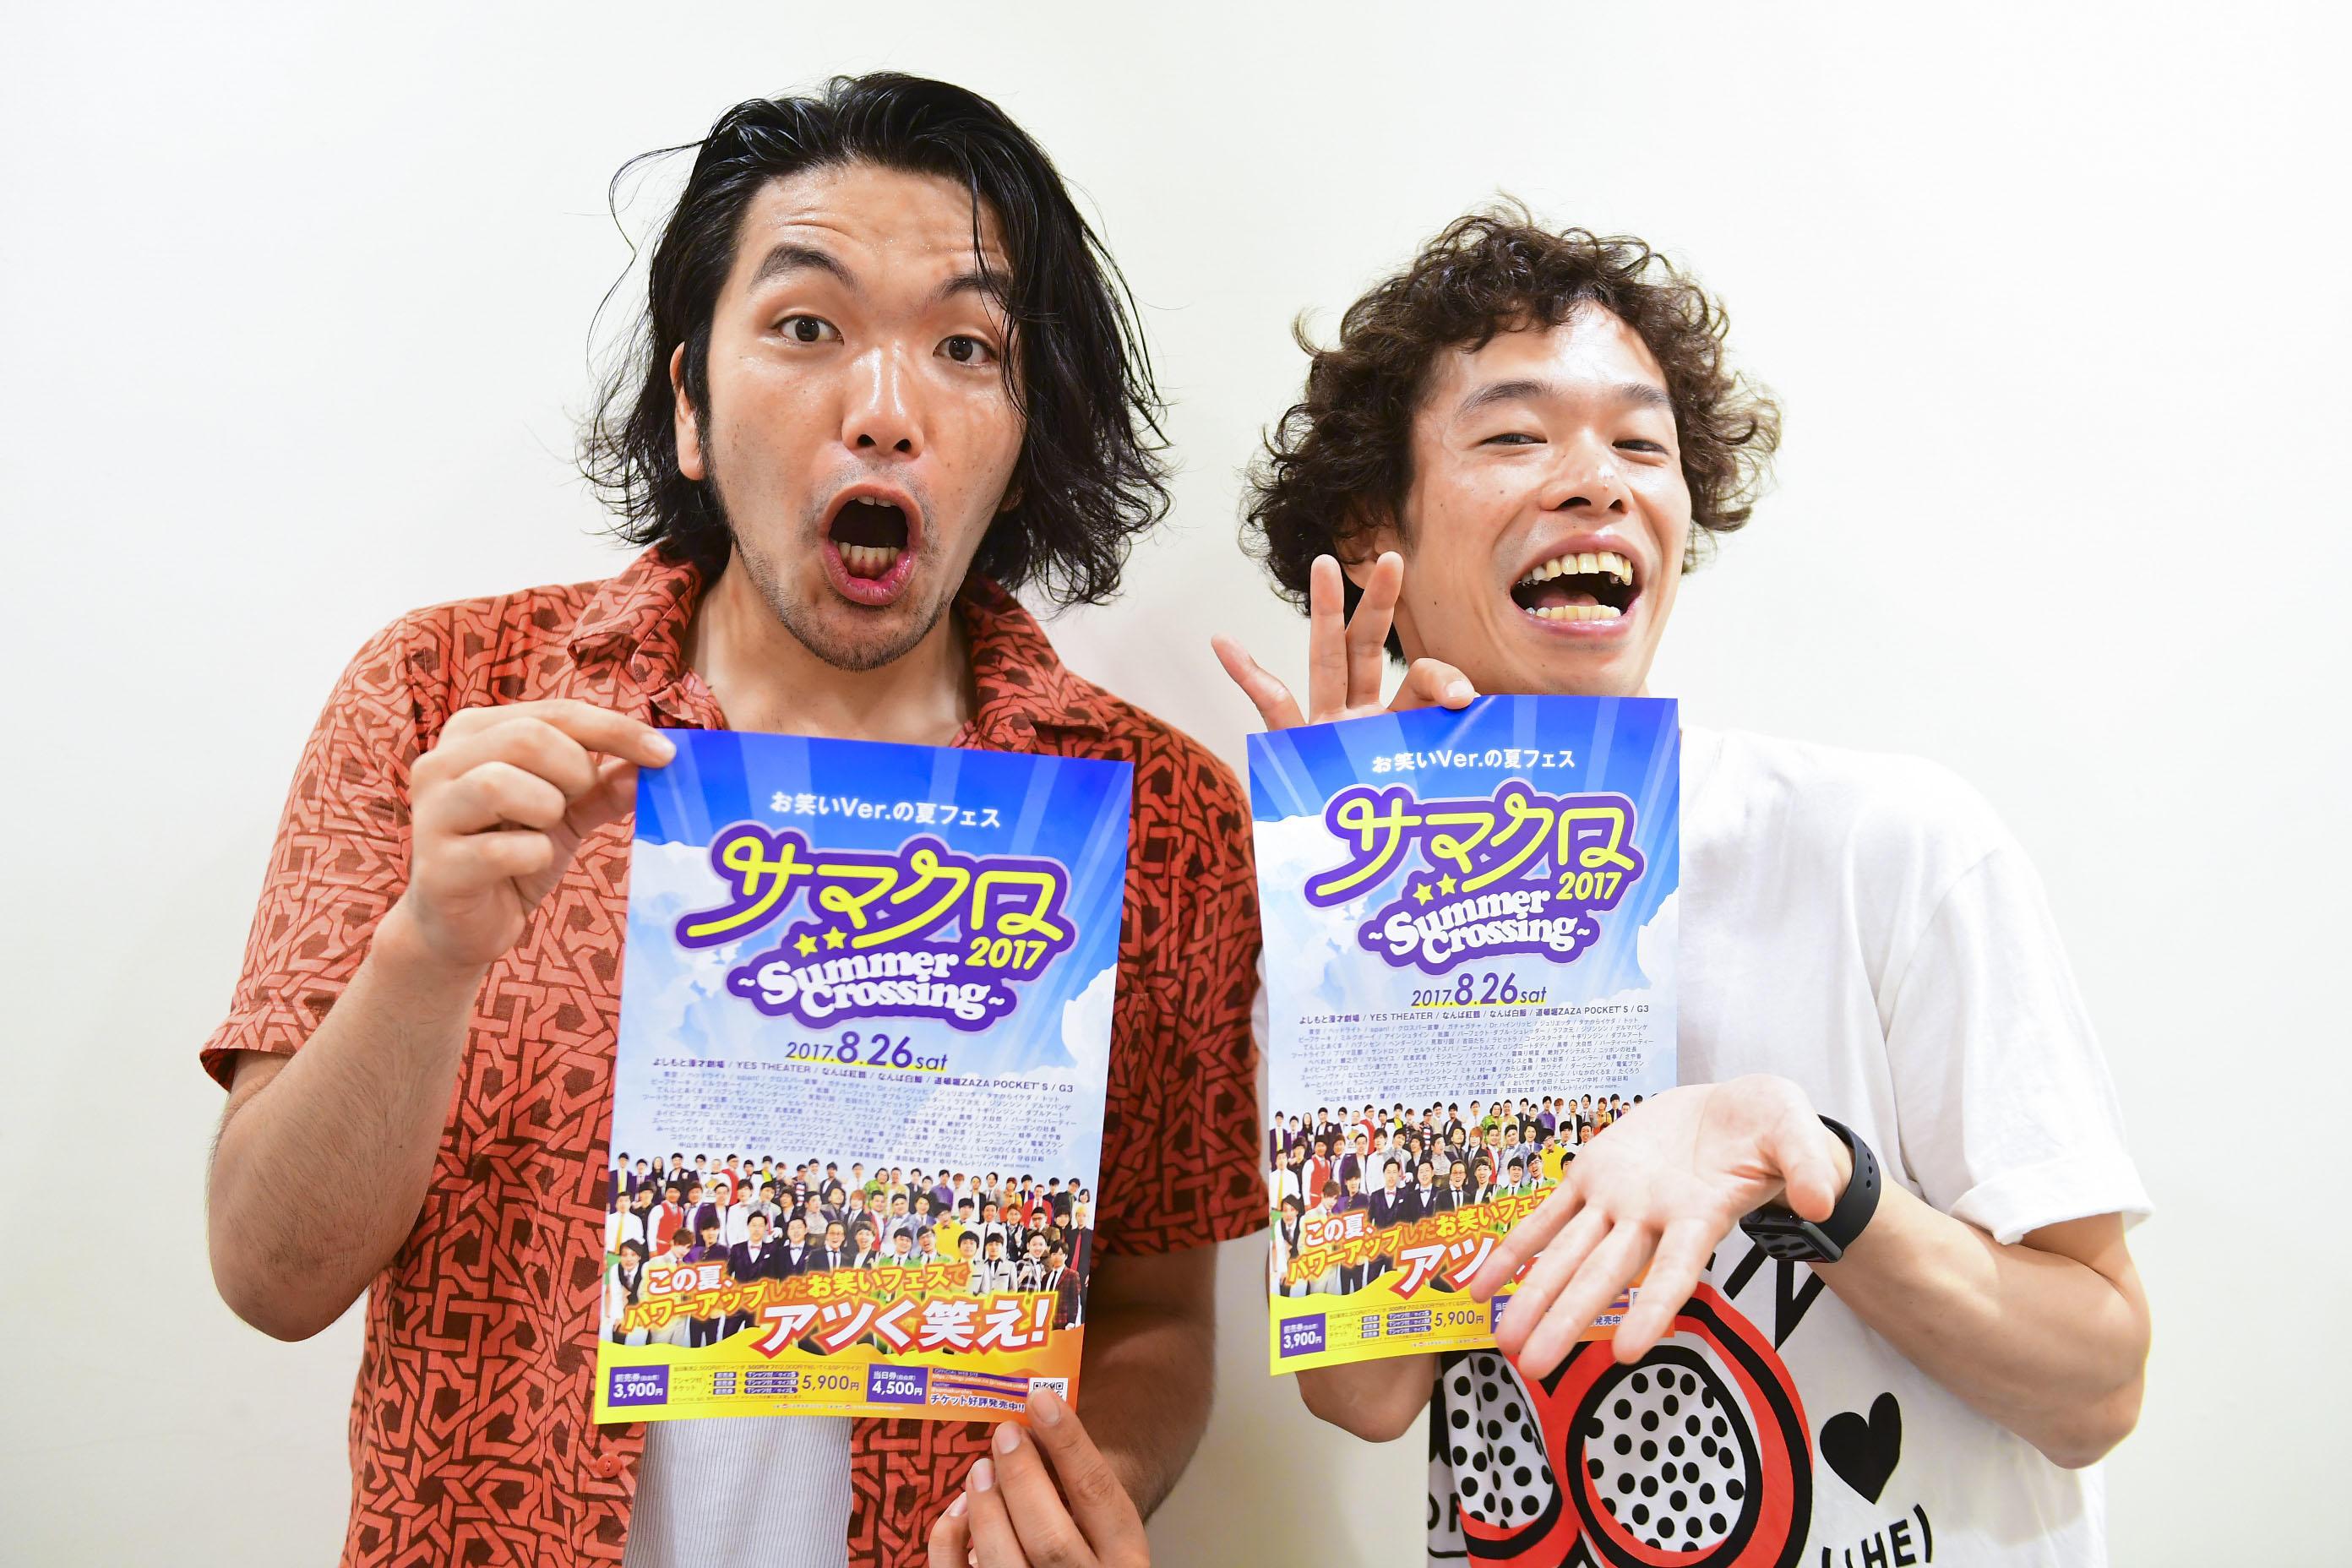 http://news.yoshimoto.co.jp/20170805095654-669a7e7d0f1e3ef181e4b6b95d1376166fb6ee17.jpg